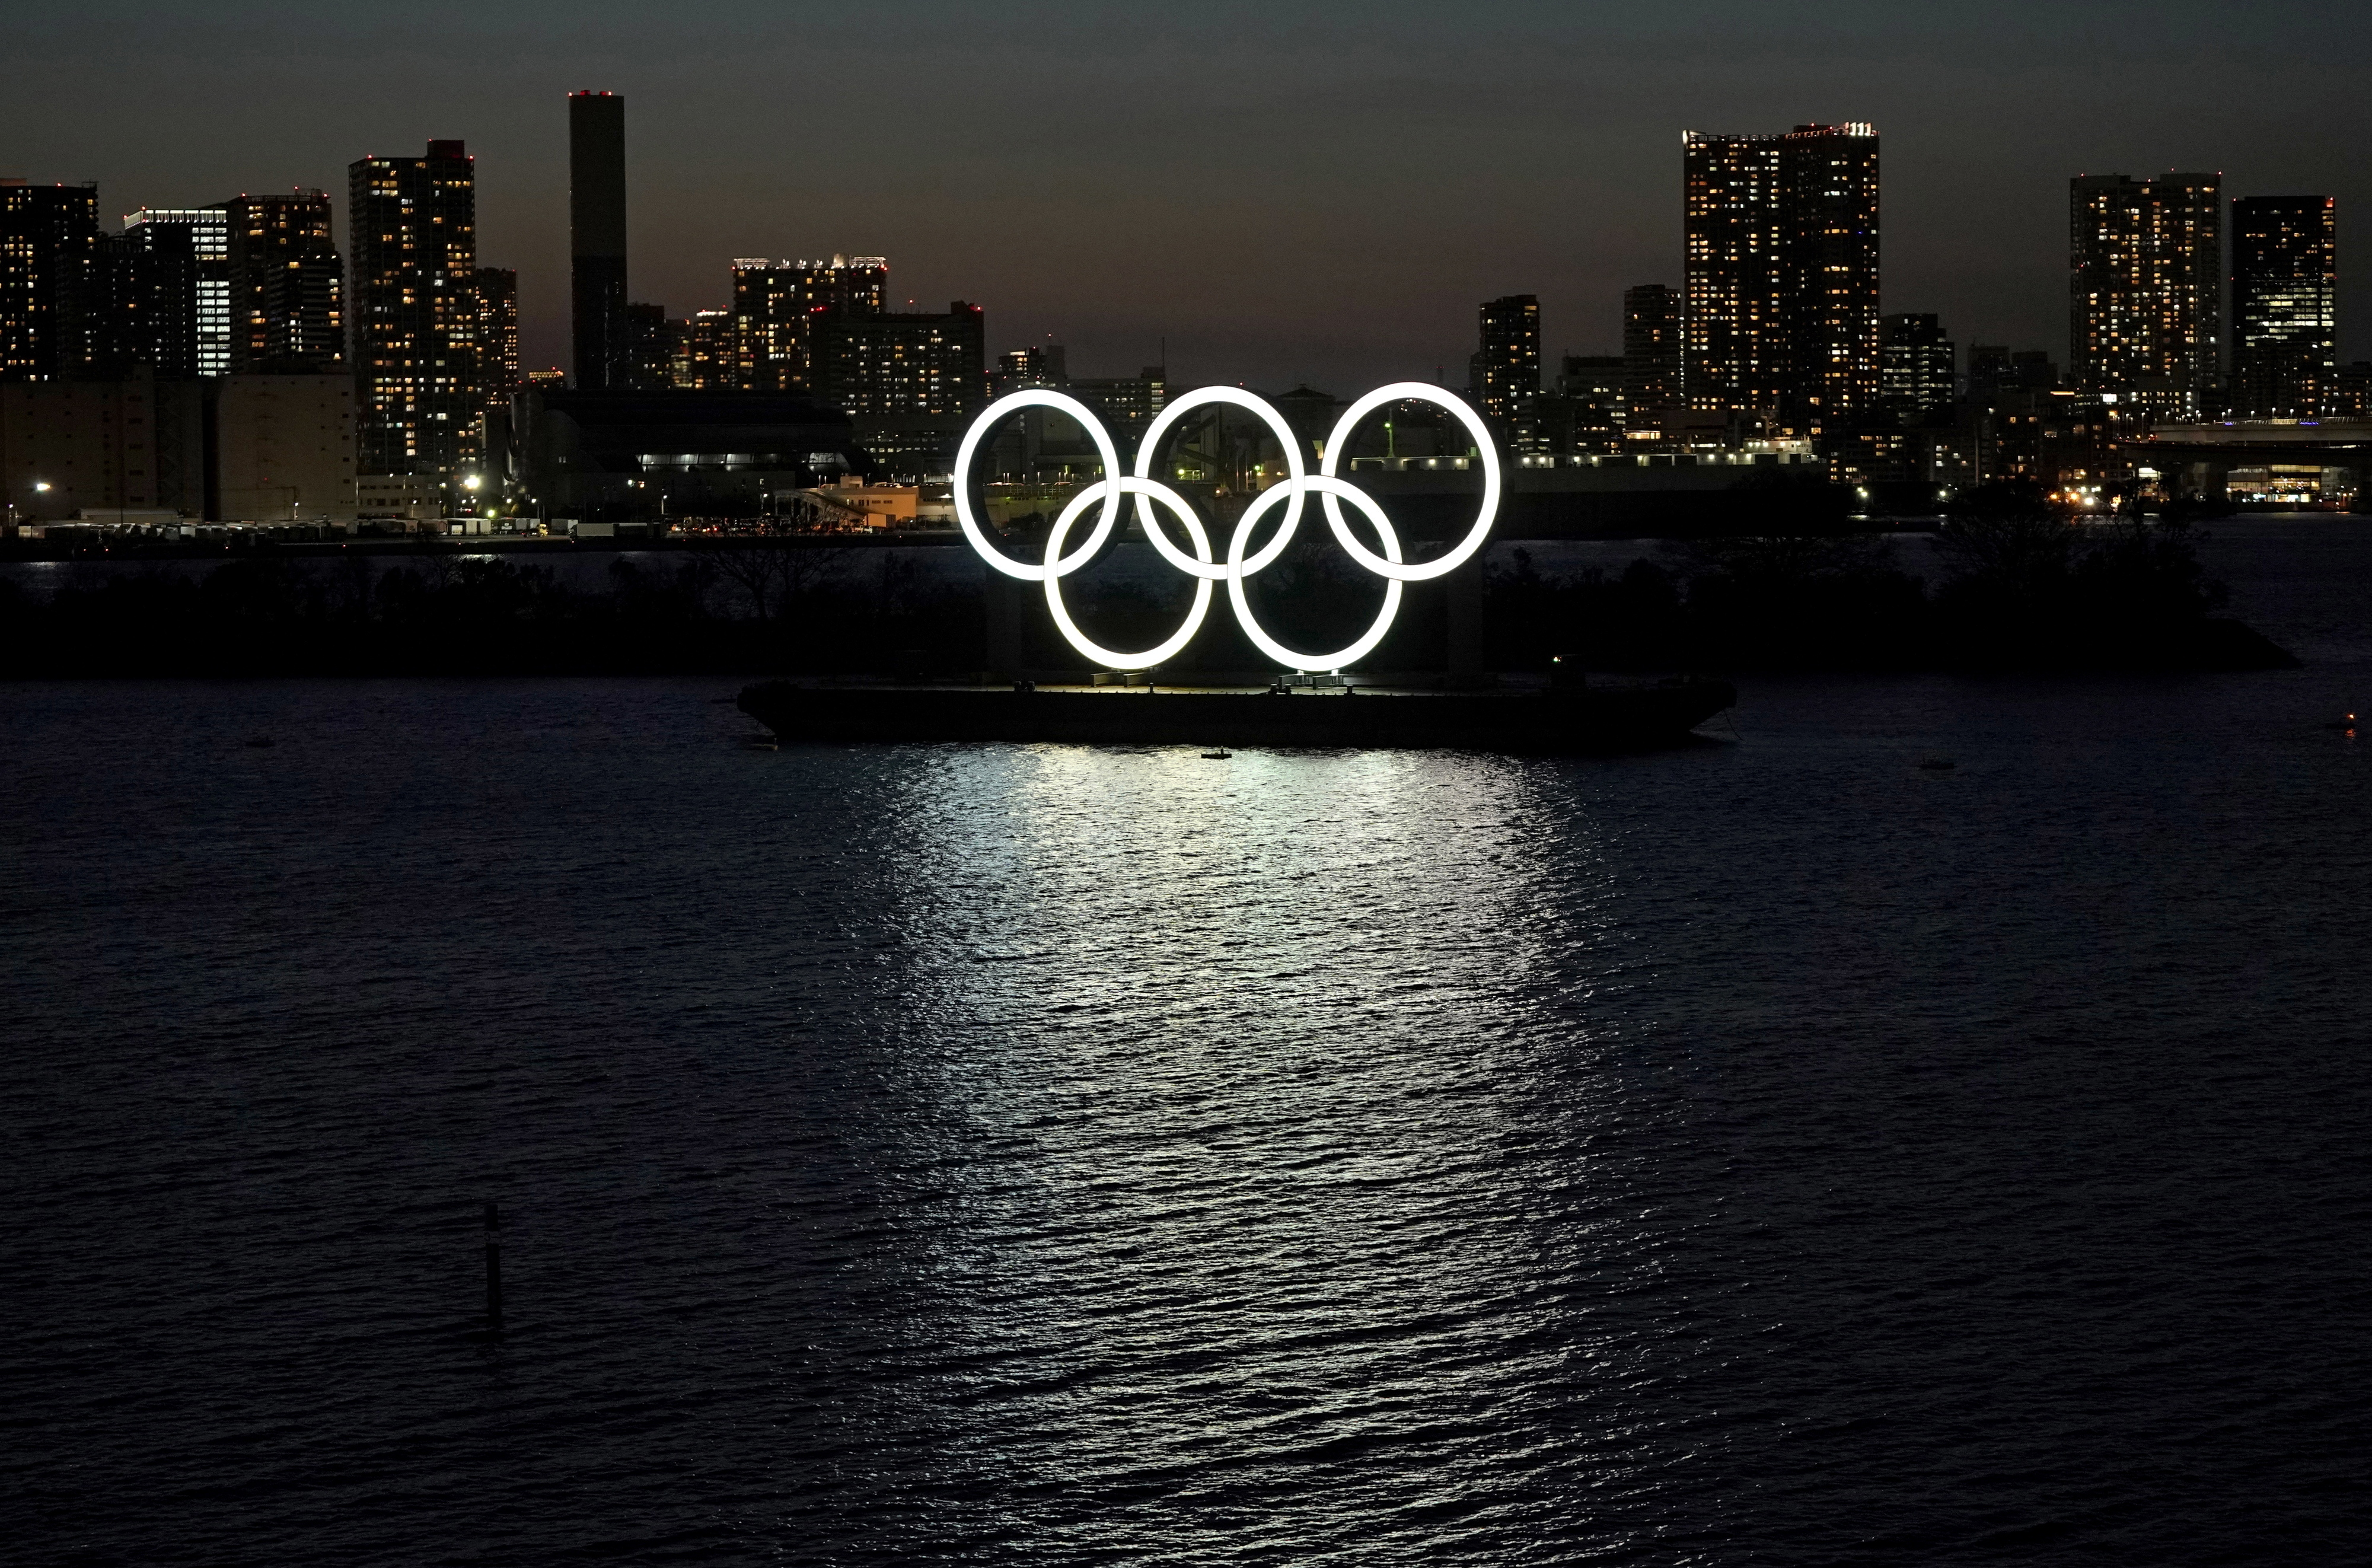 Qualificação para Tóquio2020 obrigatória até 29 de junho de 2021